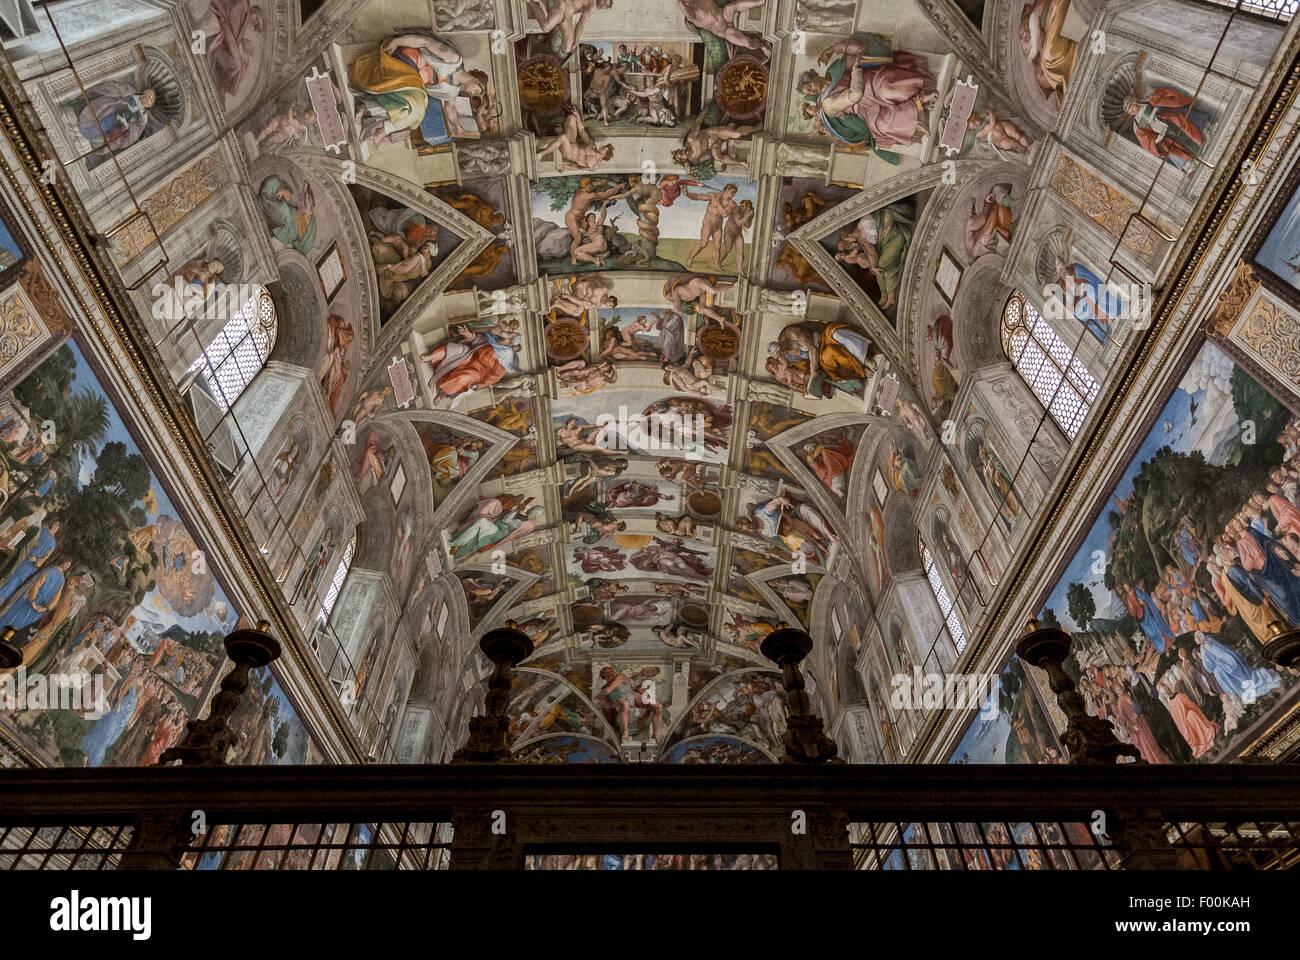 El techo de la Capilla Sixtina, pintada por Miguel Ángel. Los Museos del Vaticano, Ciudad del Vaticano, Roma, Imagen De Stock